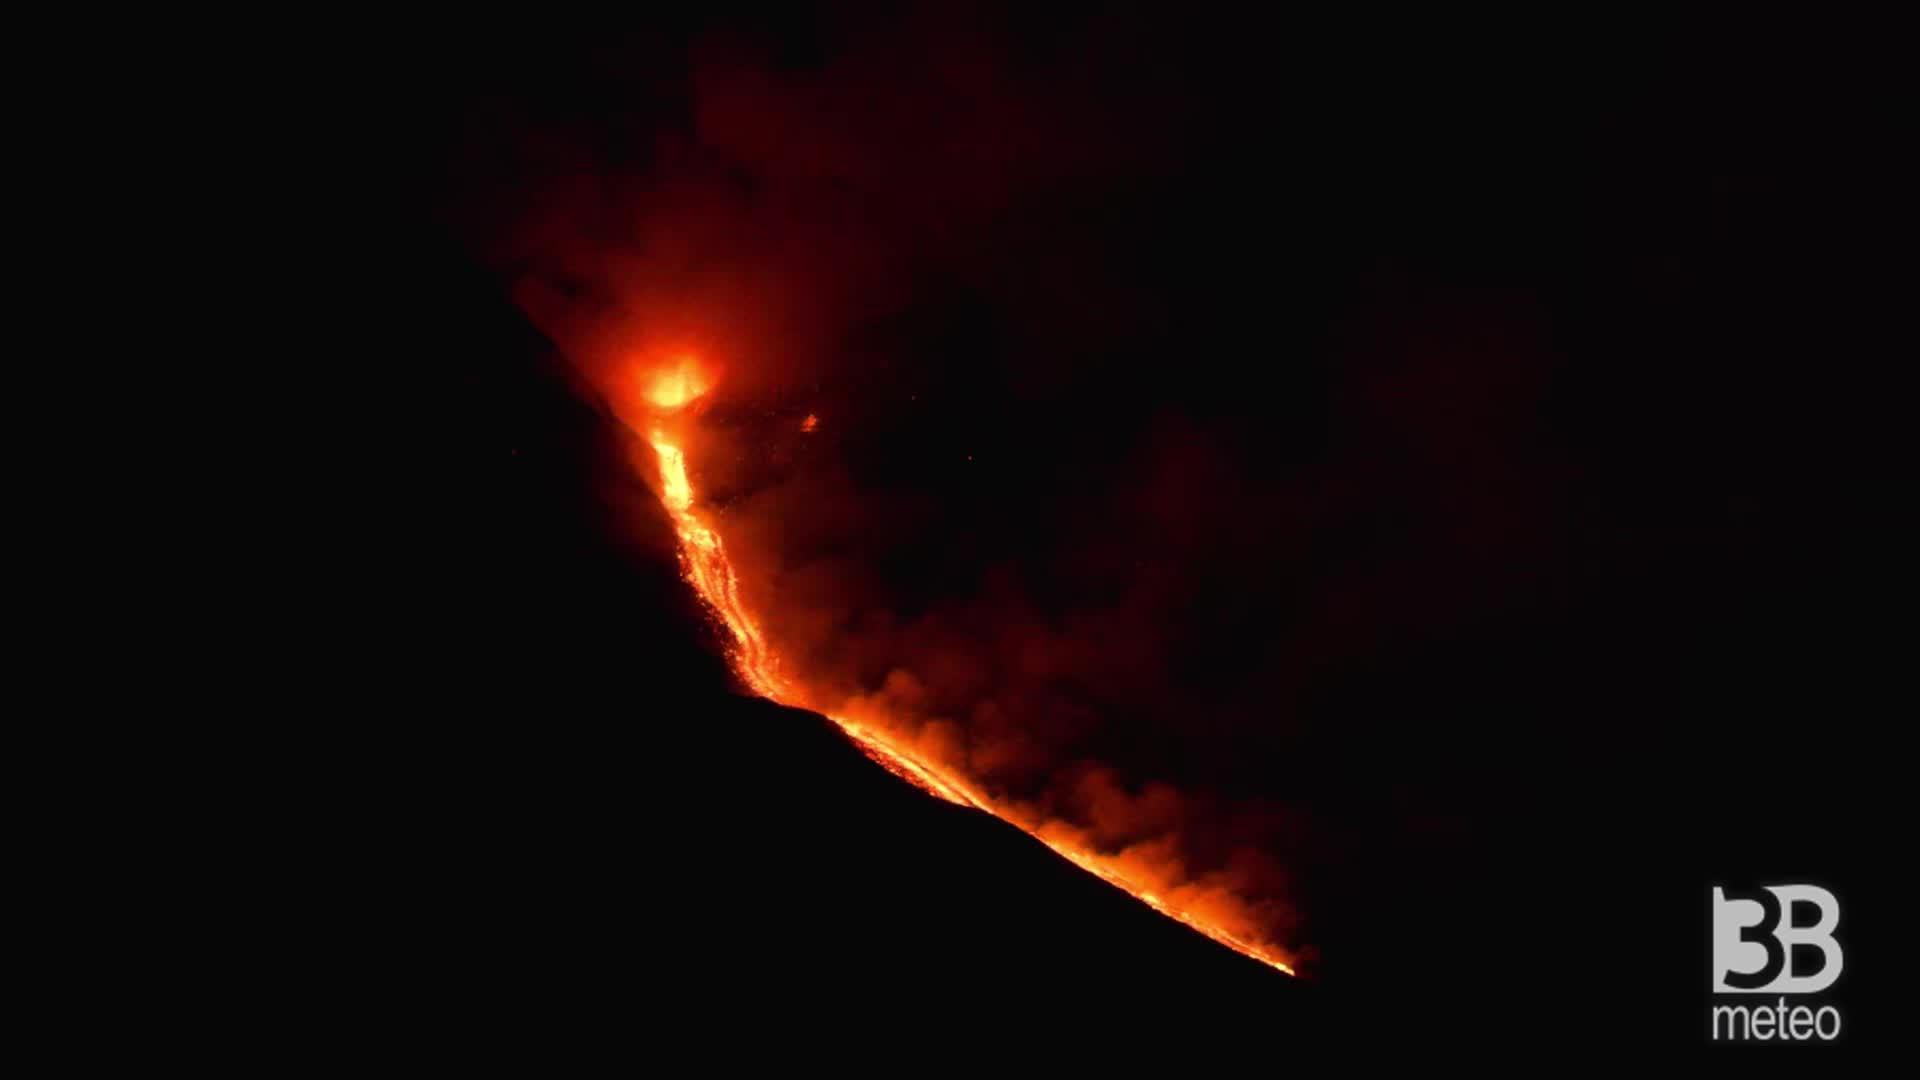 CRONACA DIRETTA - Etna, situazione ore 5.00: trabocco lavico dal sud-est - VIDEO